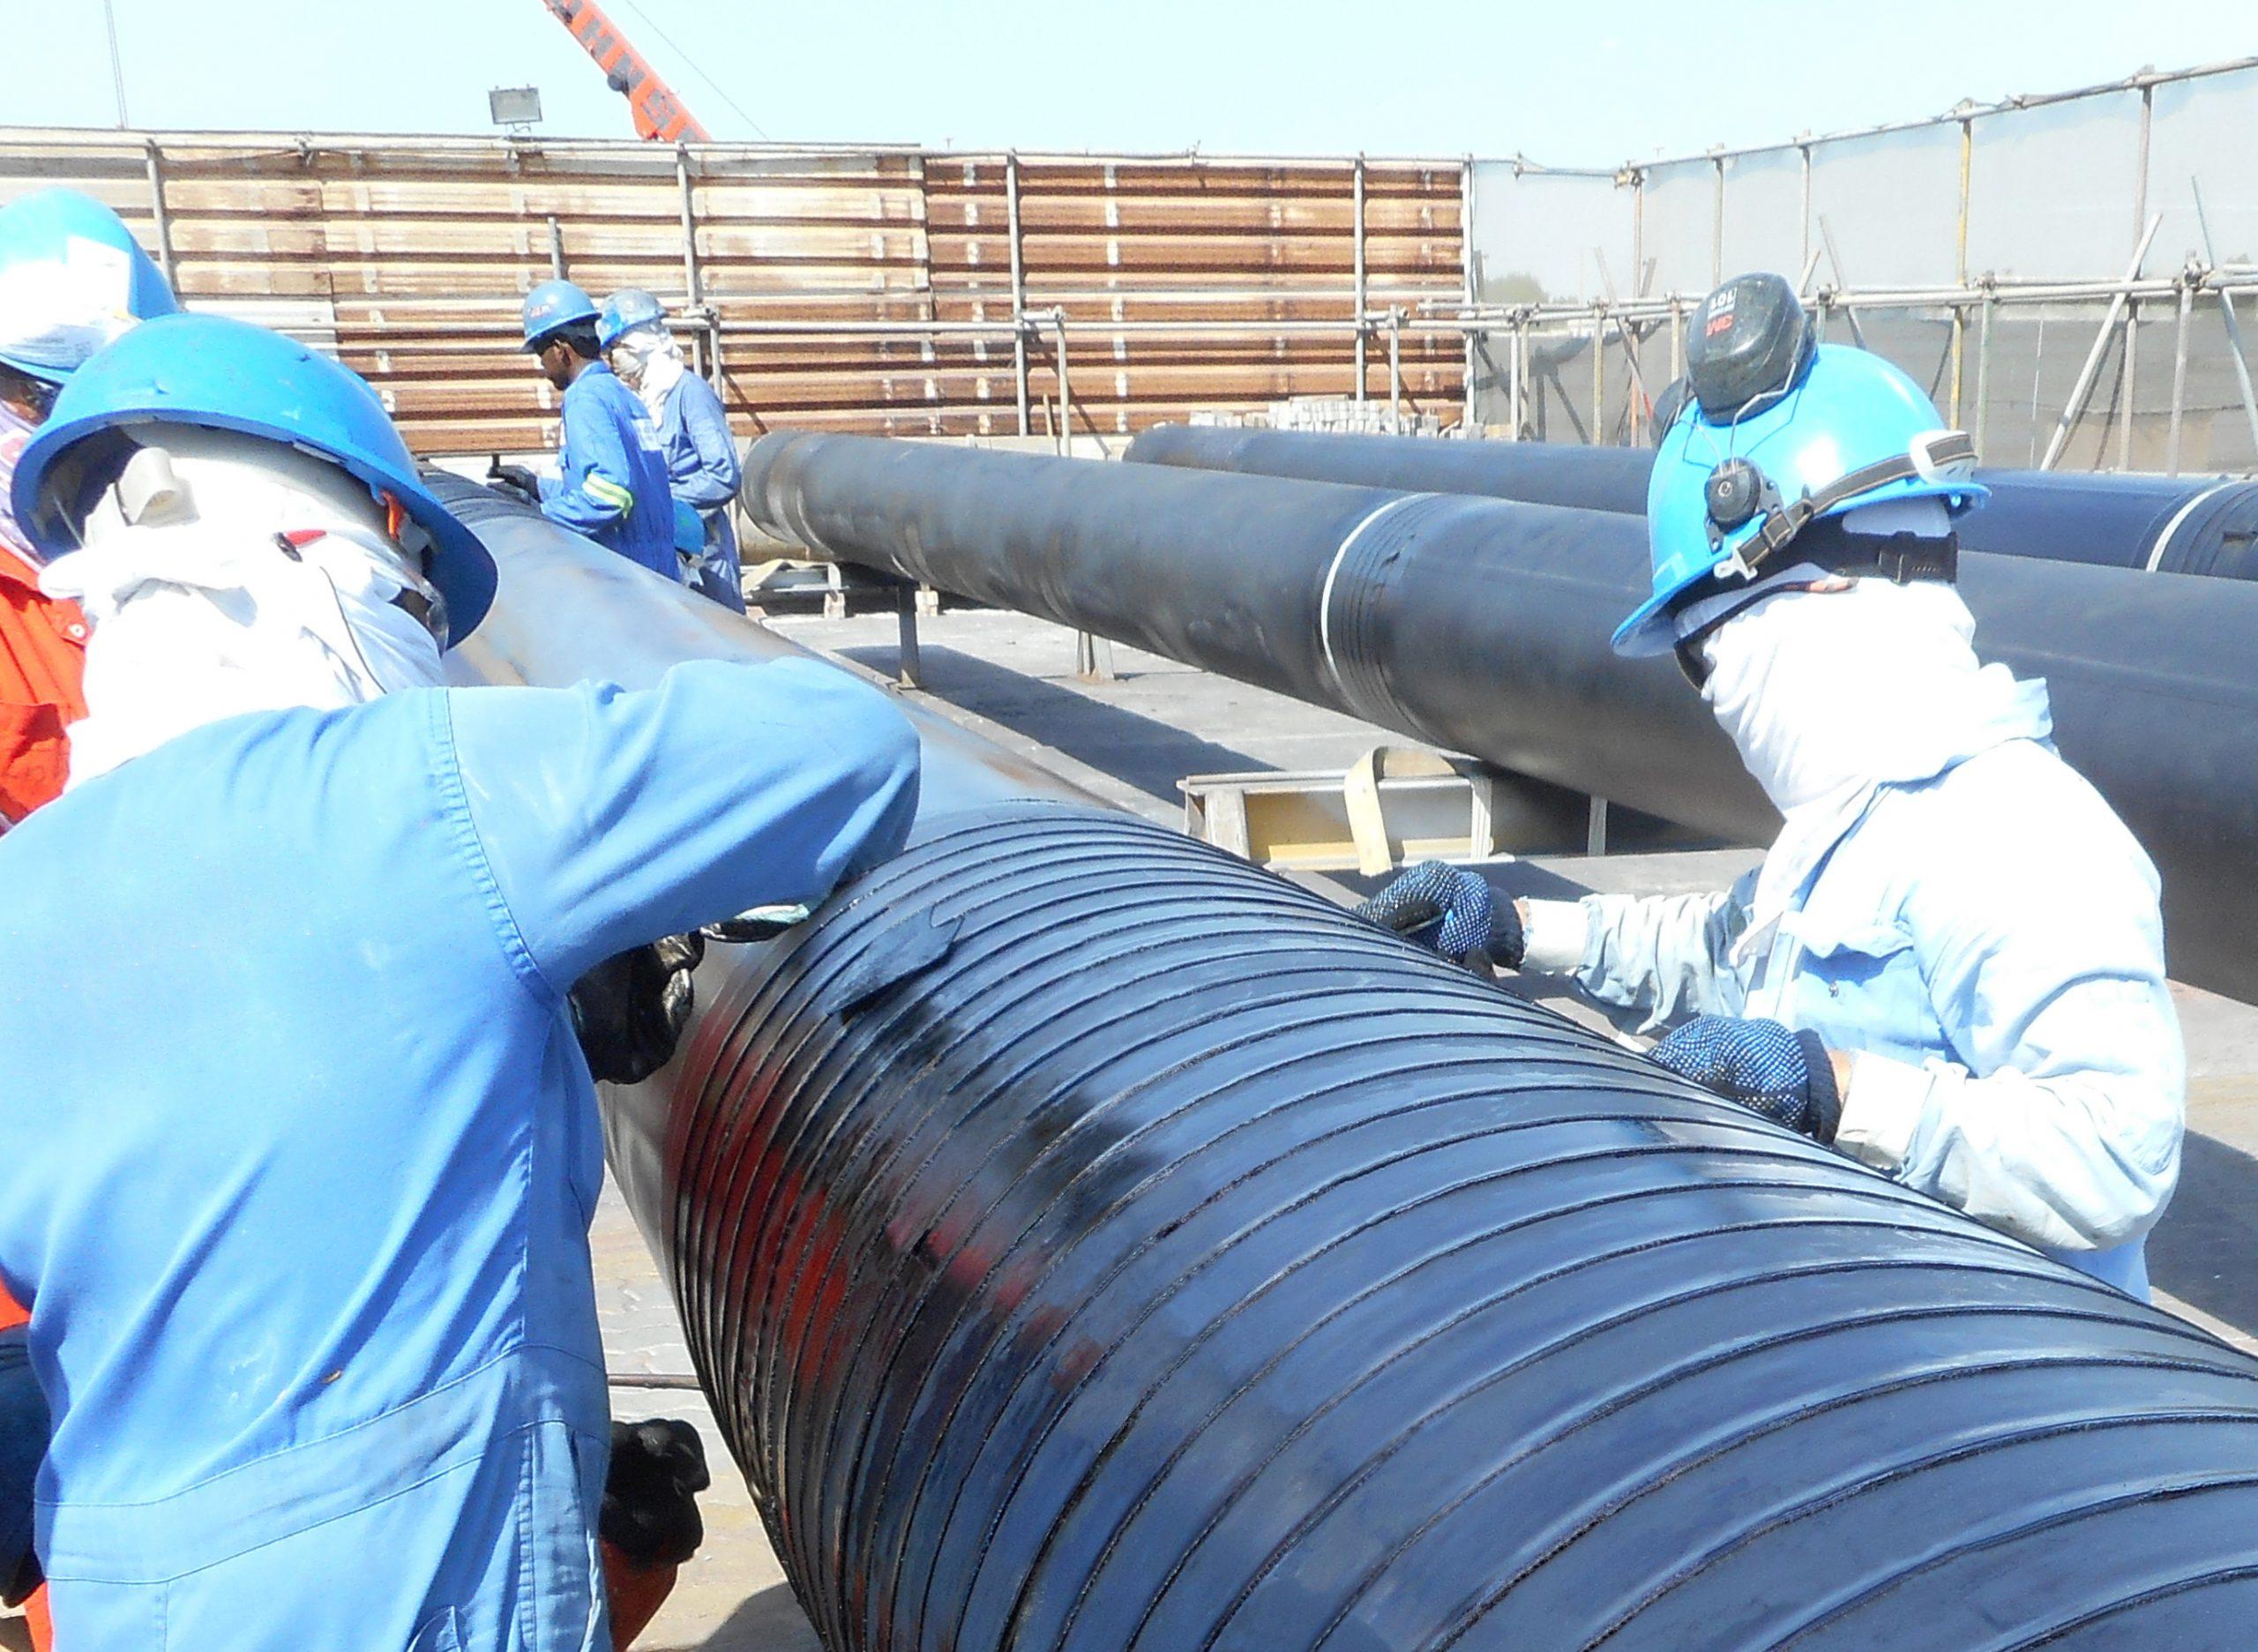 Densopol Tape applied to pipeline